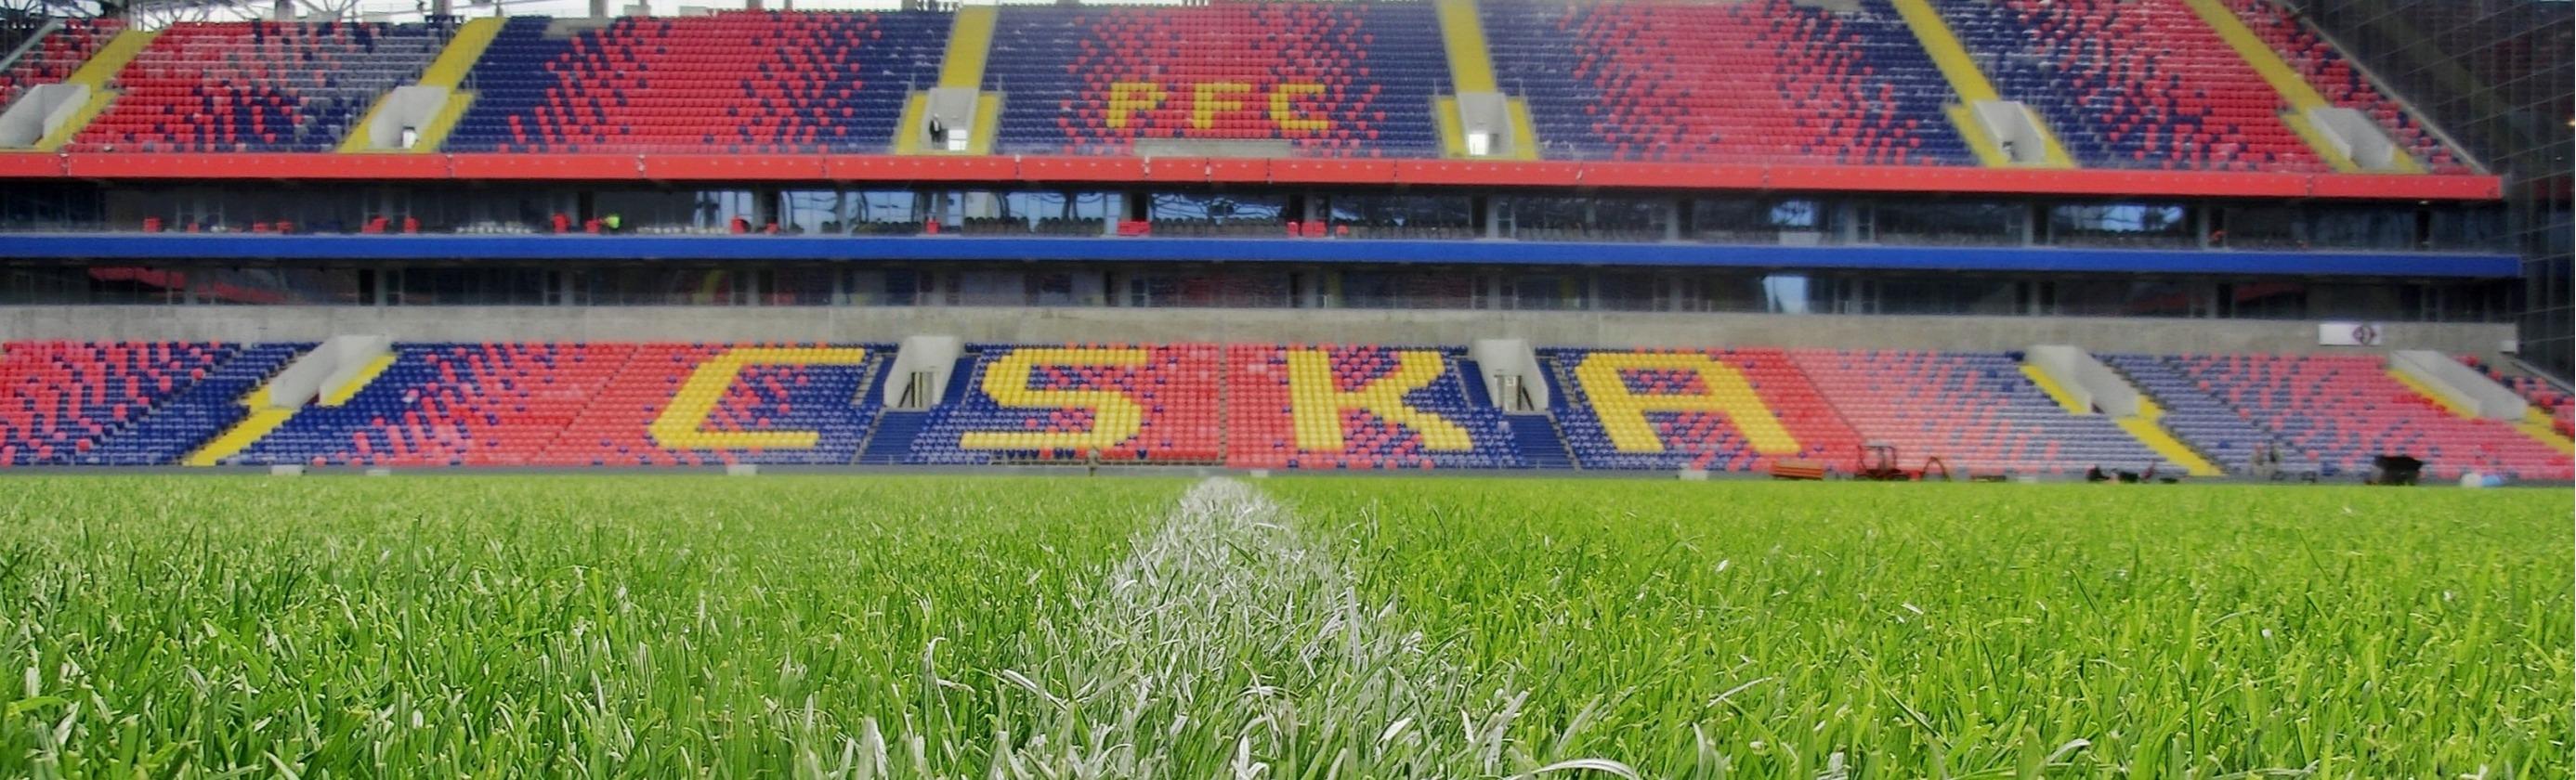 Цска москва официальный сайт футбольного клуба билеты открыты ли ночные клубы в питере